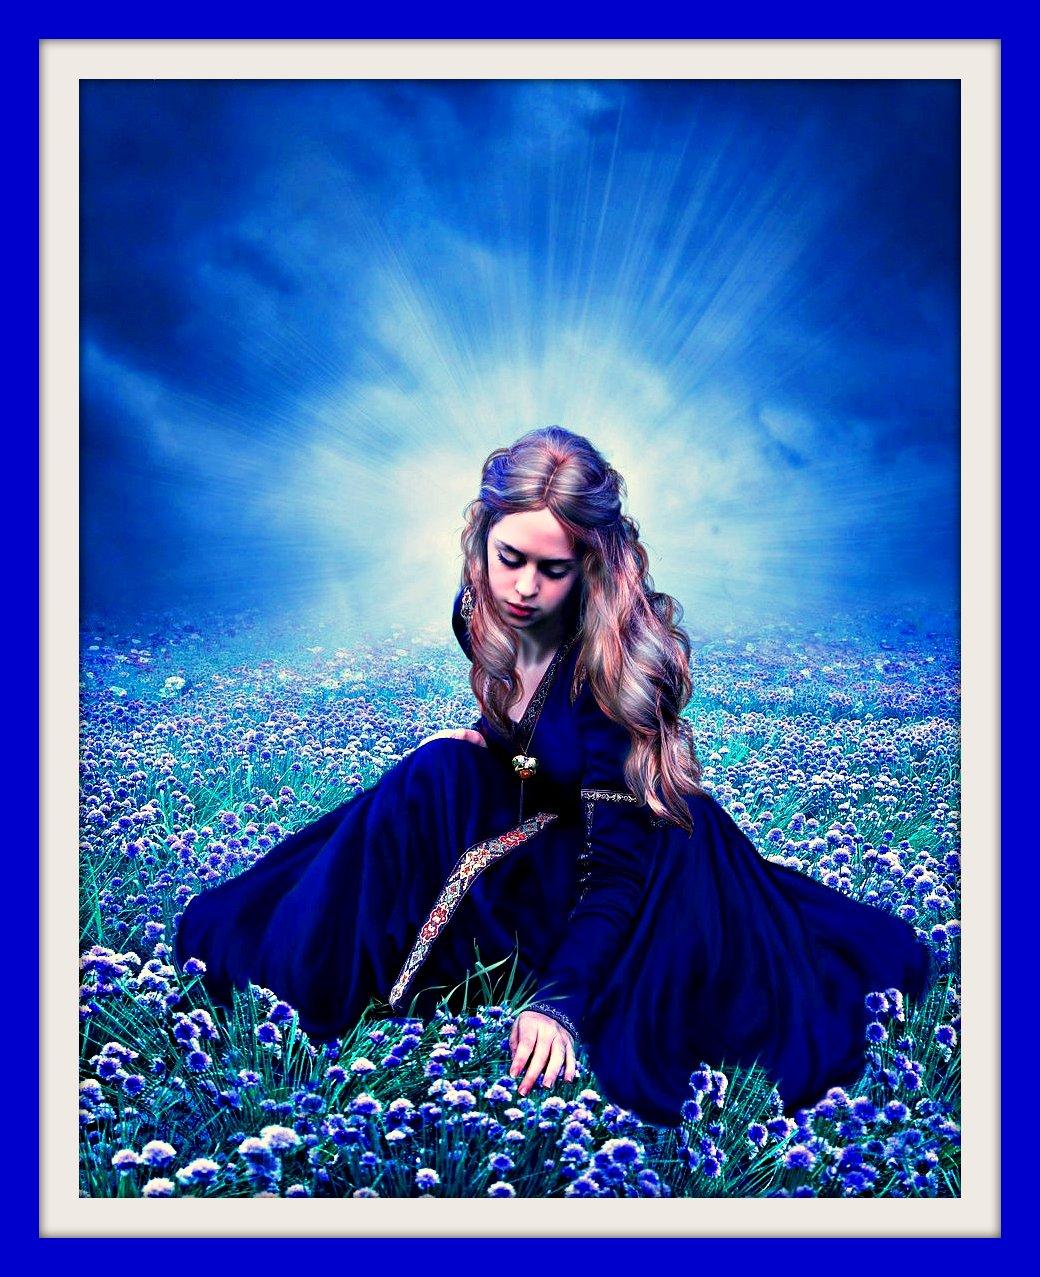 http://3.bp.blogspot.com/-PnN1dzHGJoo/Ttd5ypshIRI/AAAAAAAAArY/neh5MYogzTs/s1600/Strong+Lady.jpg